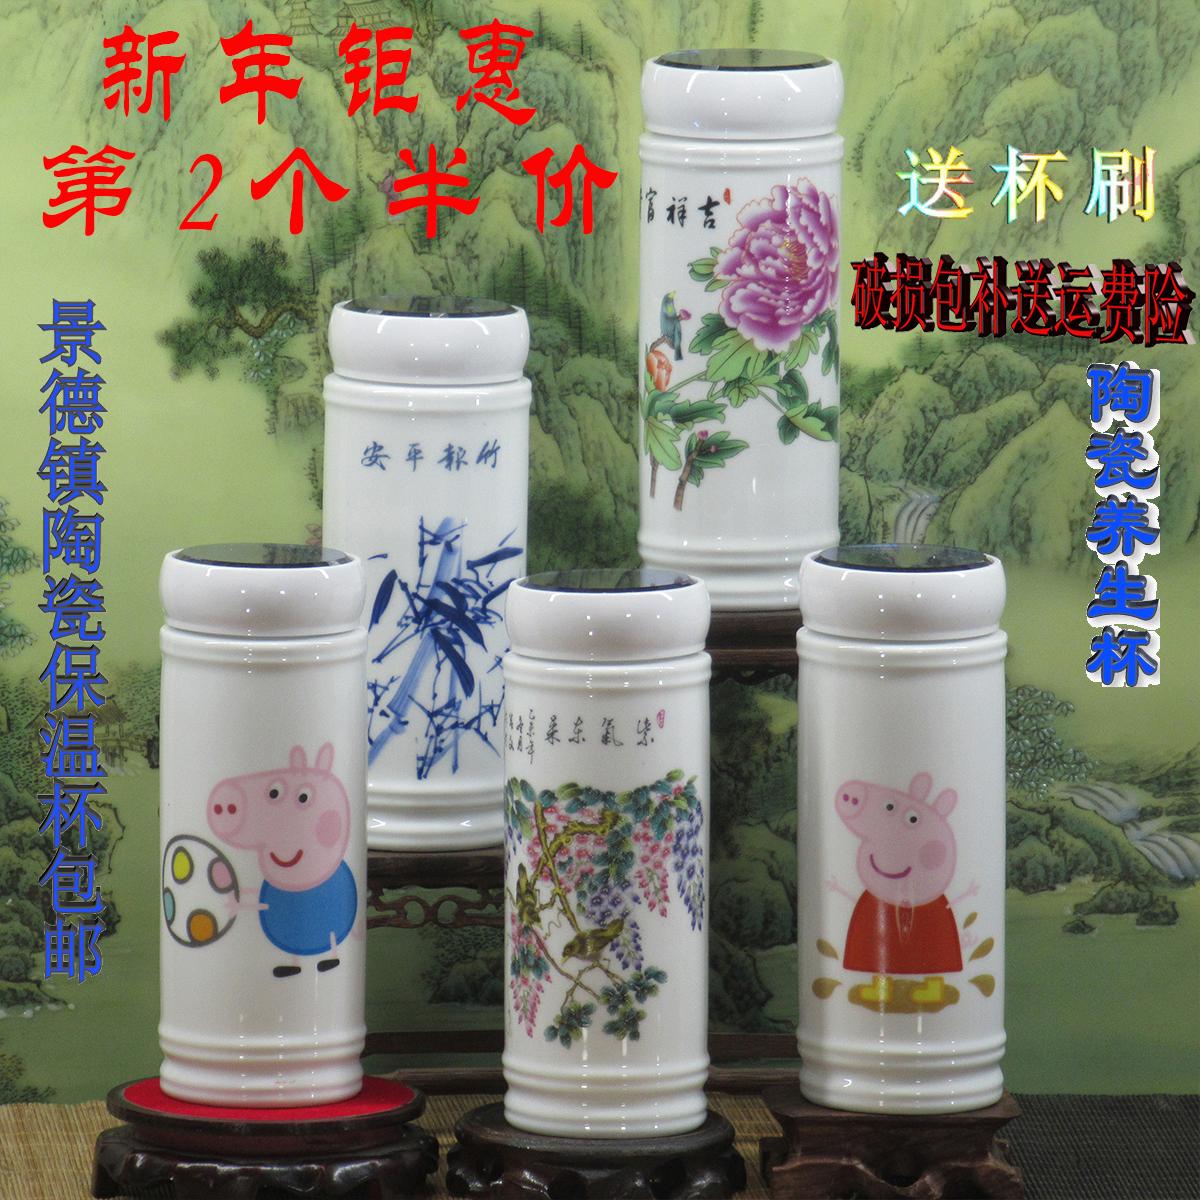 景德鎮陶瓷保溫杯高檔禮品陶瓷杯商務杯雙層內膽保溫杯陶瓷養生杯